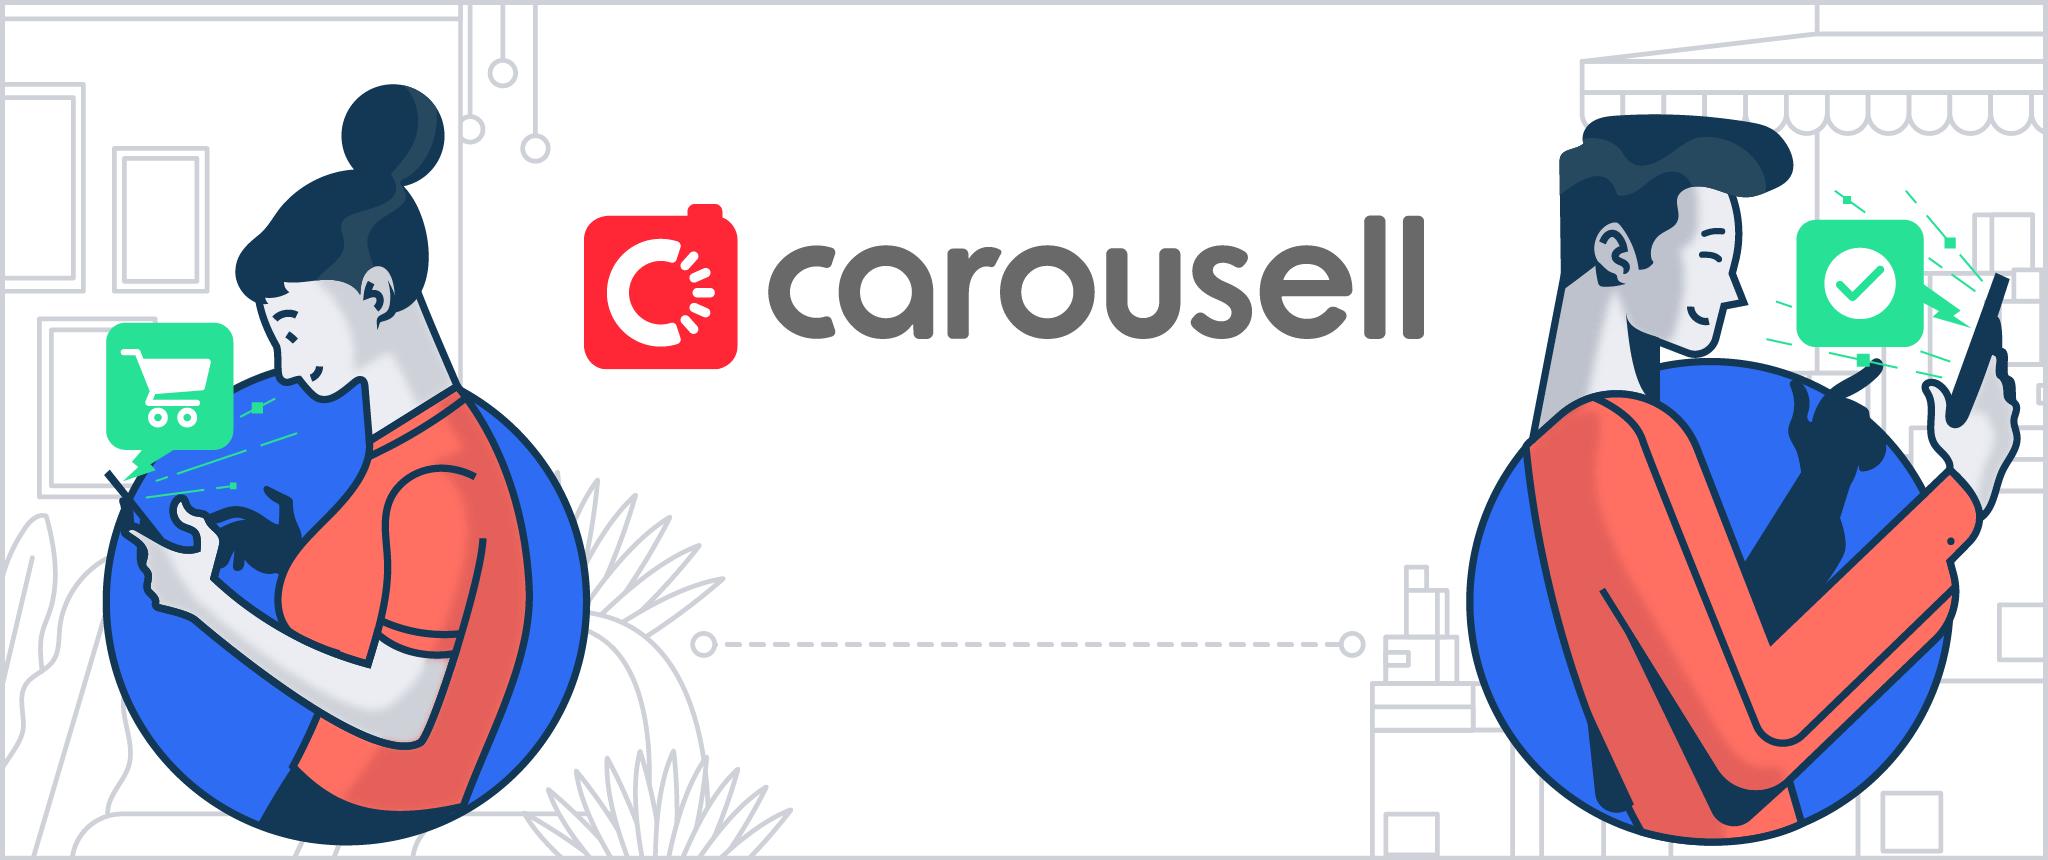 Bagaimana Caroussel Menghubungkan Para Penjual & Pembeli di Asia Tenggara